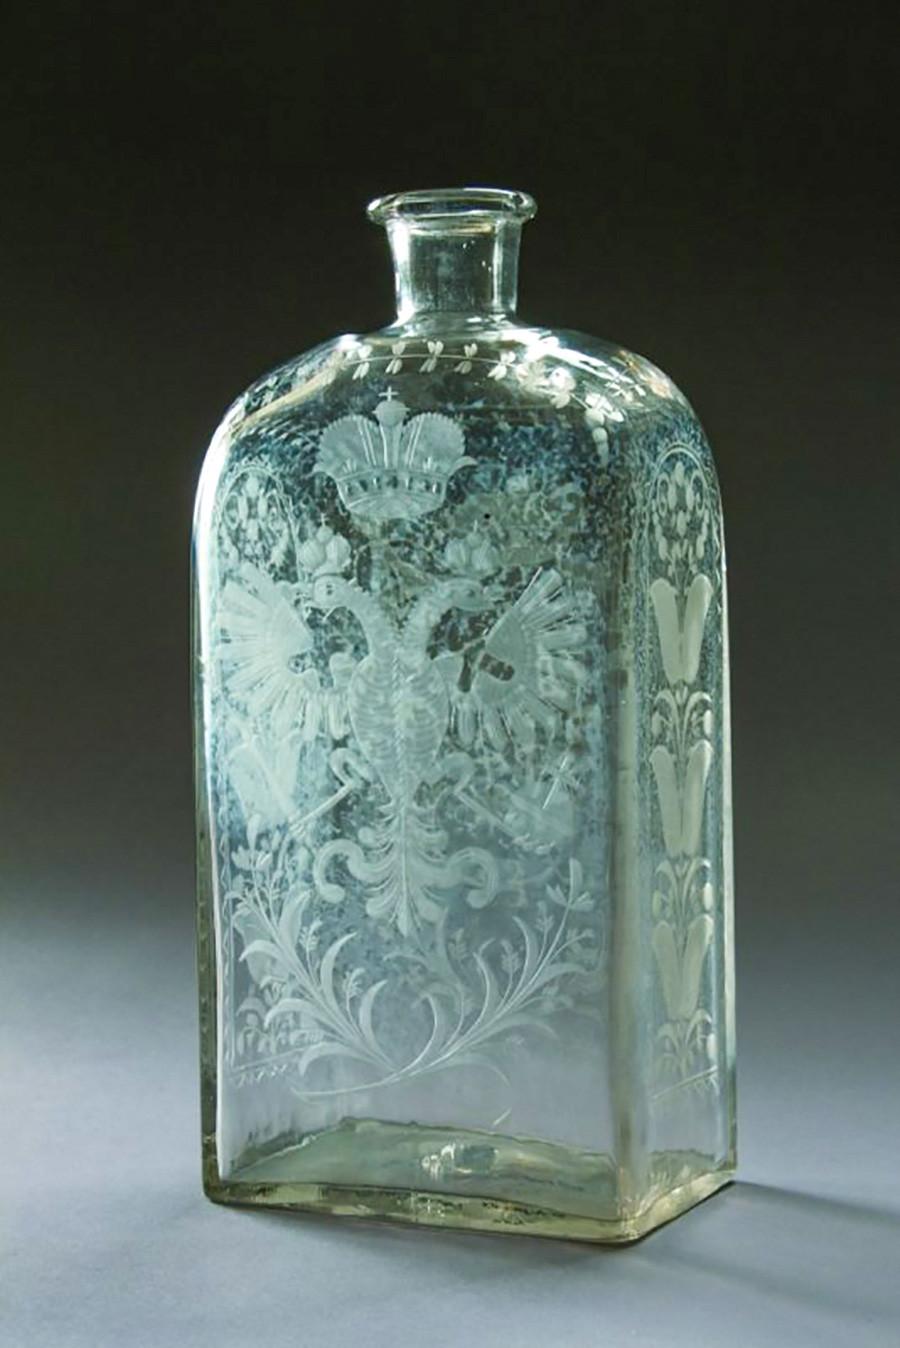 Štof (boca od 1,23 l; stara mjera za zapreminu tekućine i za staklenu bocu koja je služila za alkoholna pića). Sredina 18. stoljeća. Bezbojno matirano staklo. Tvornica u Peterburgu.